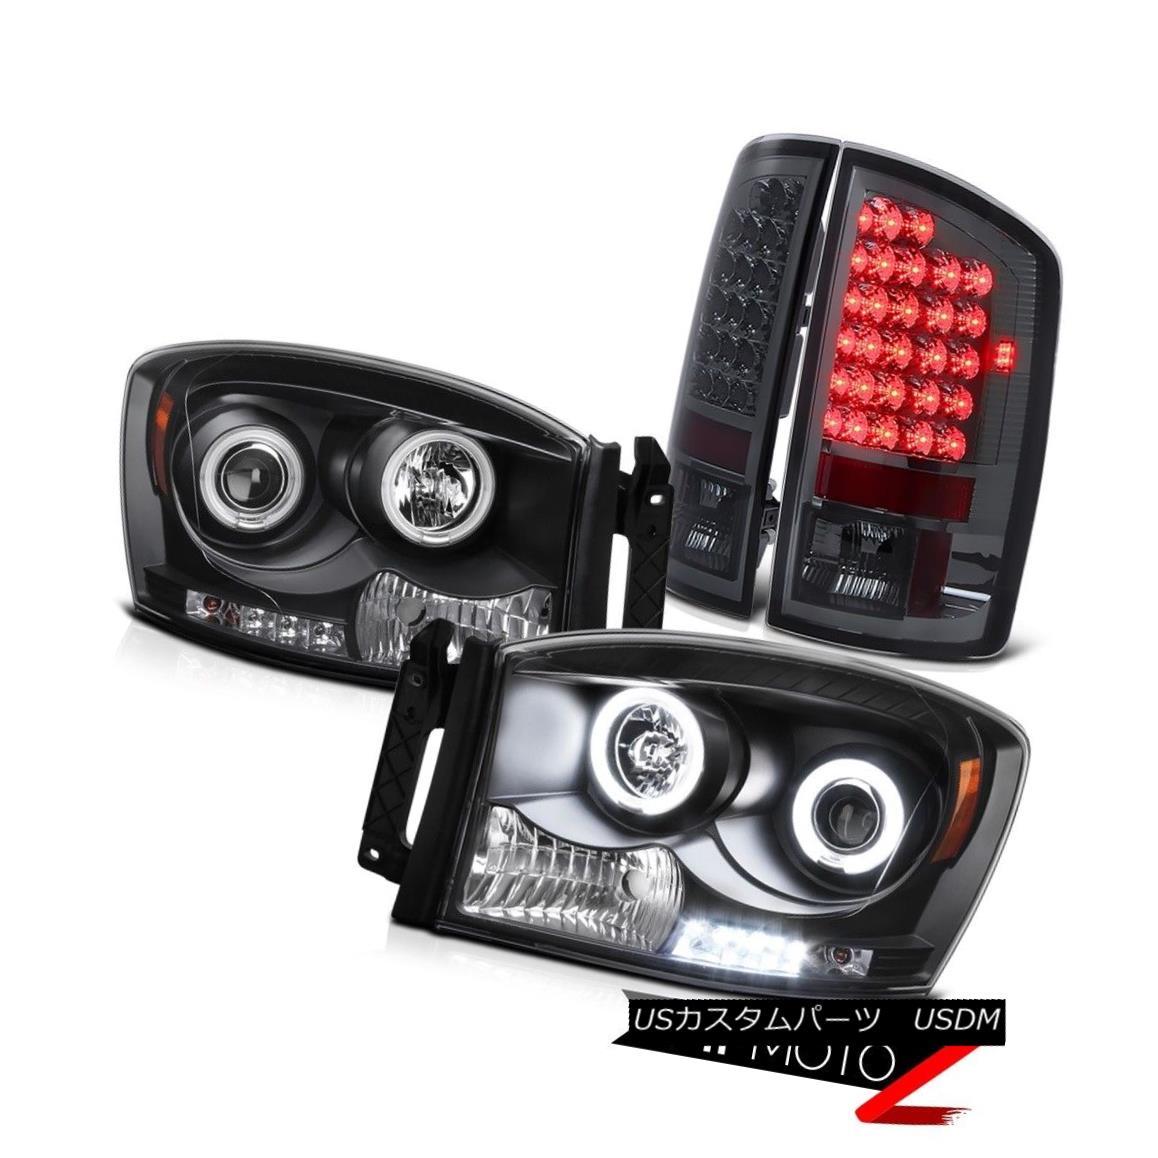 テールライト Dodge 07-08 RAM 1500/2500 Left+Right CCFL Projector Headlight+LED Tail Lamp ドッジ07-08 RAM 1500/2500左+右CCFLプロジェクターヘッドライト+ LEDテールランプ